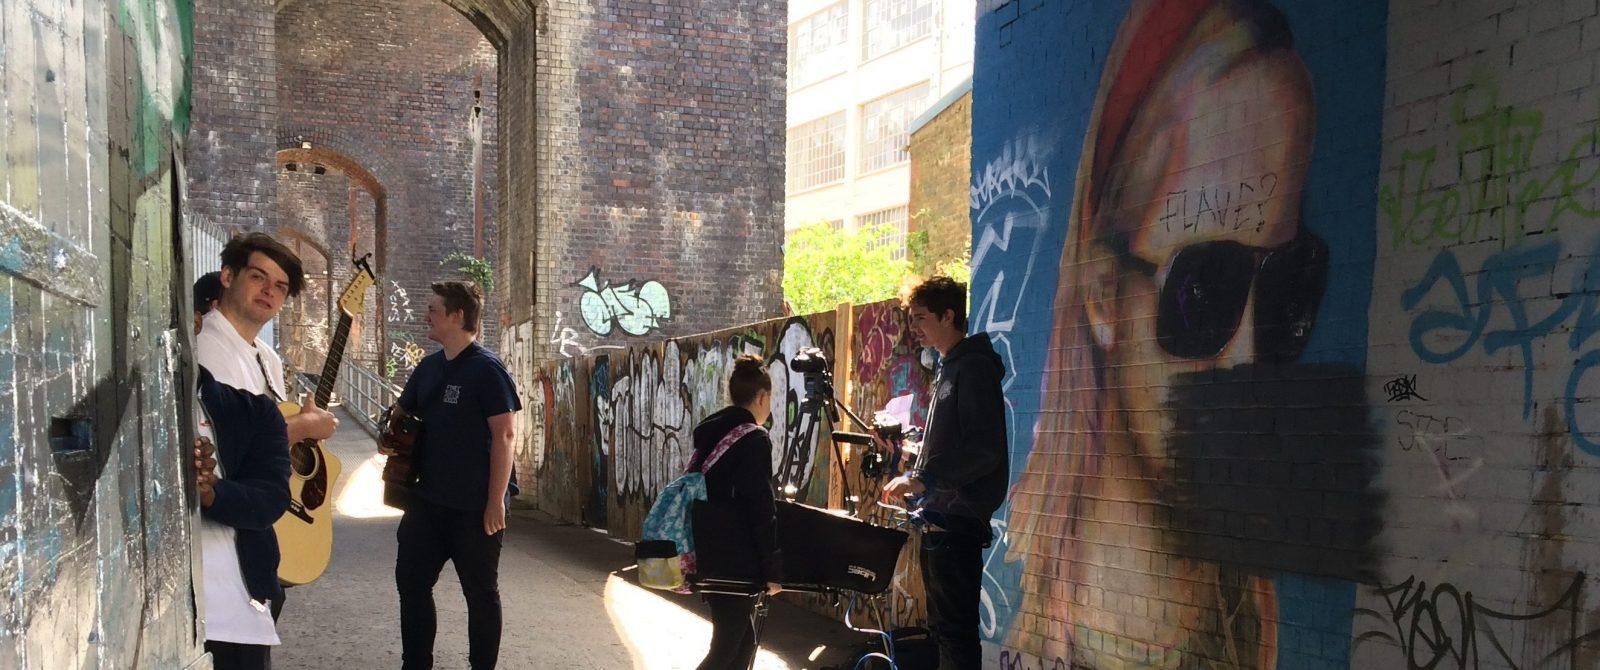 Digbeth, Birmingham UK June 2020